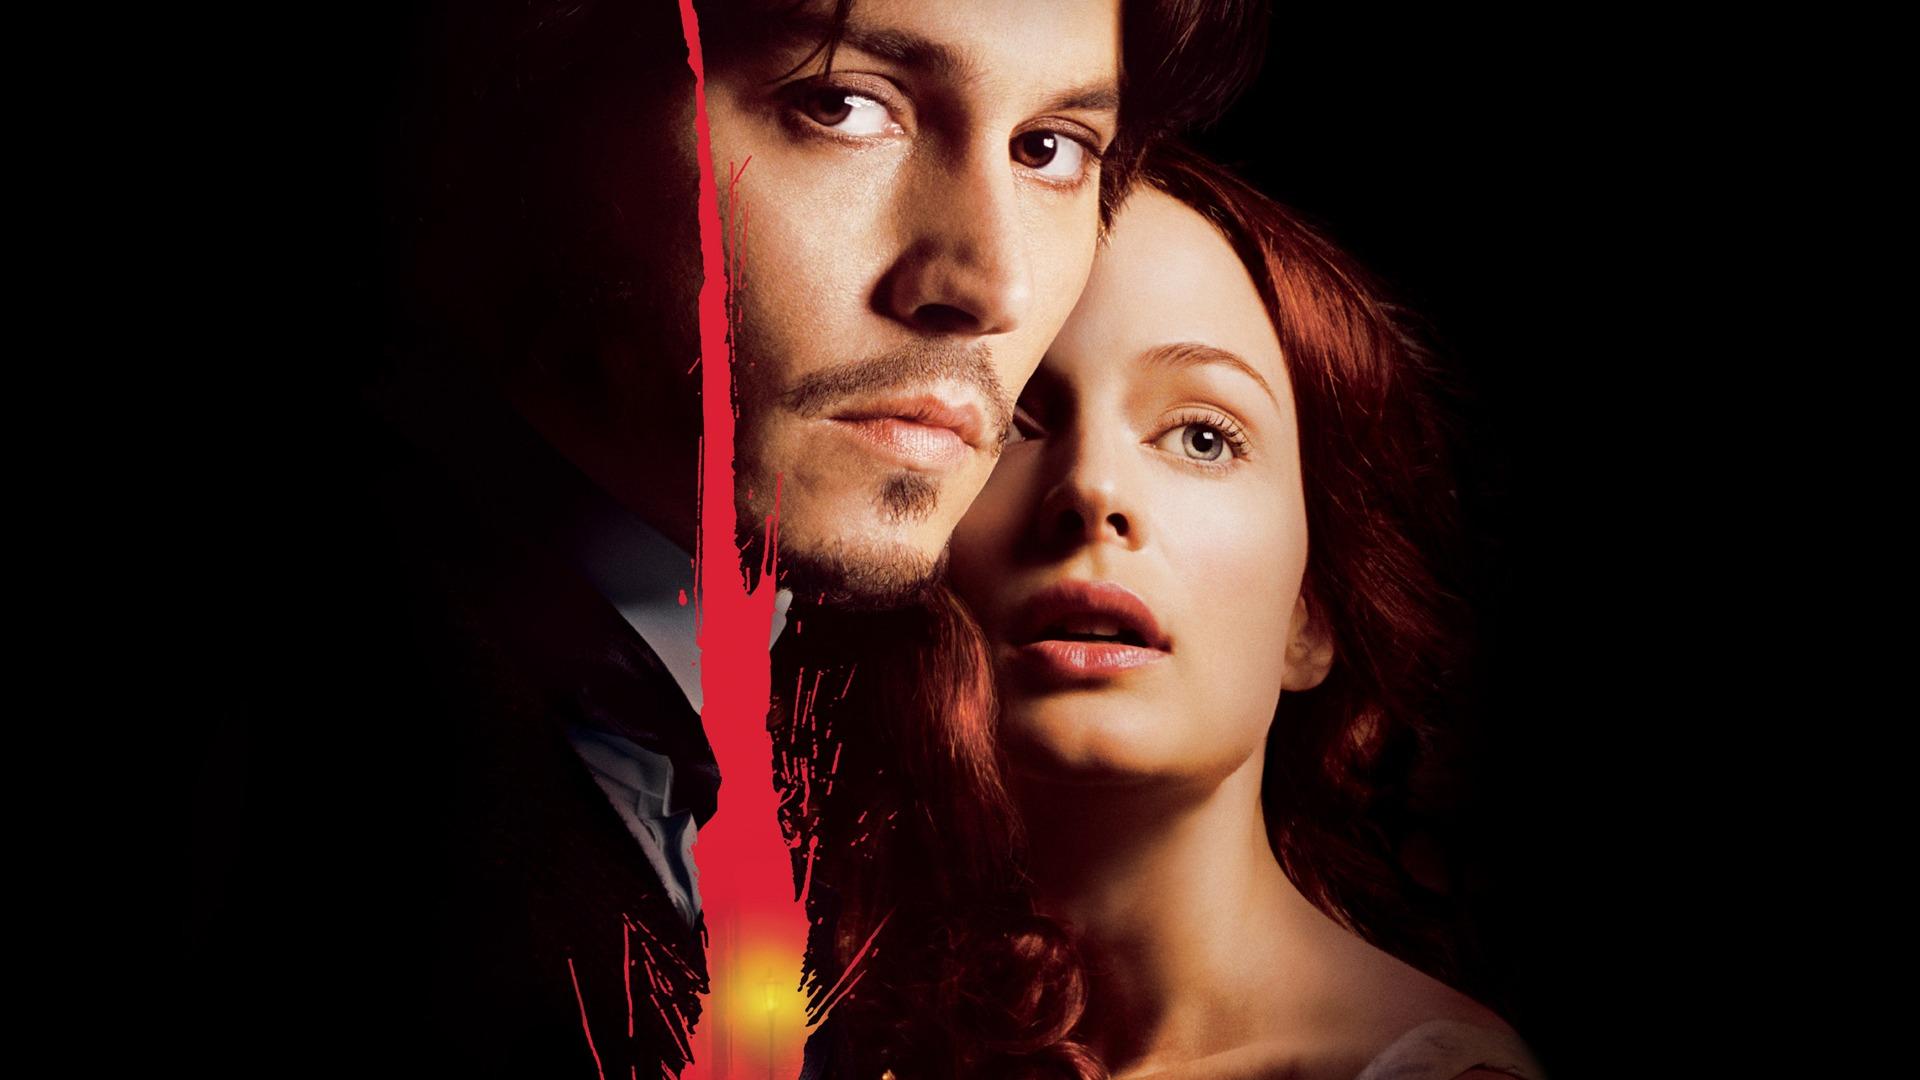 جرائم قتل وبحث عن الحب في أفلام السهرة